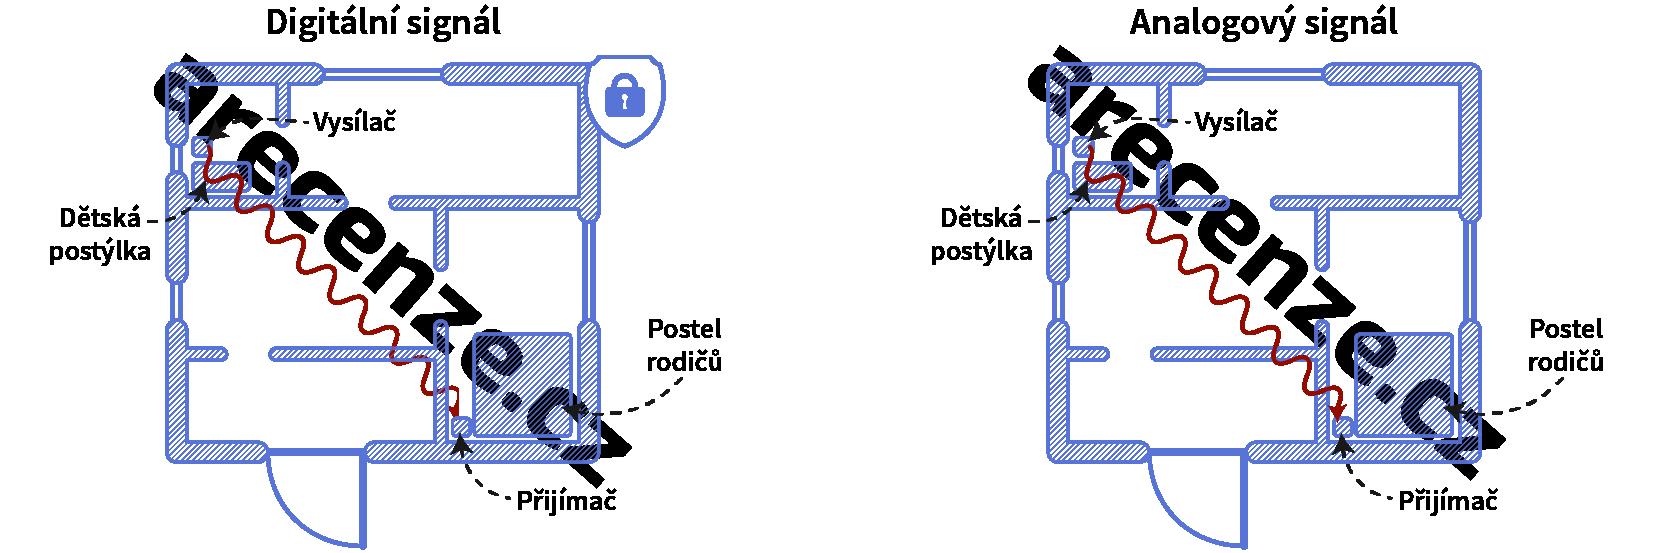 Popis fungovania prenosu analógového a digitálneho signálu